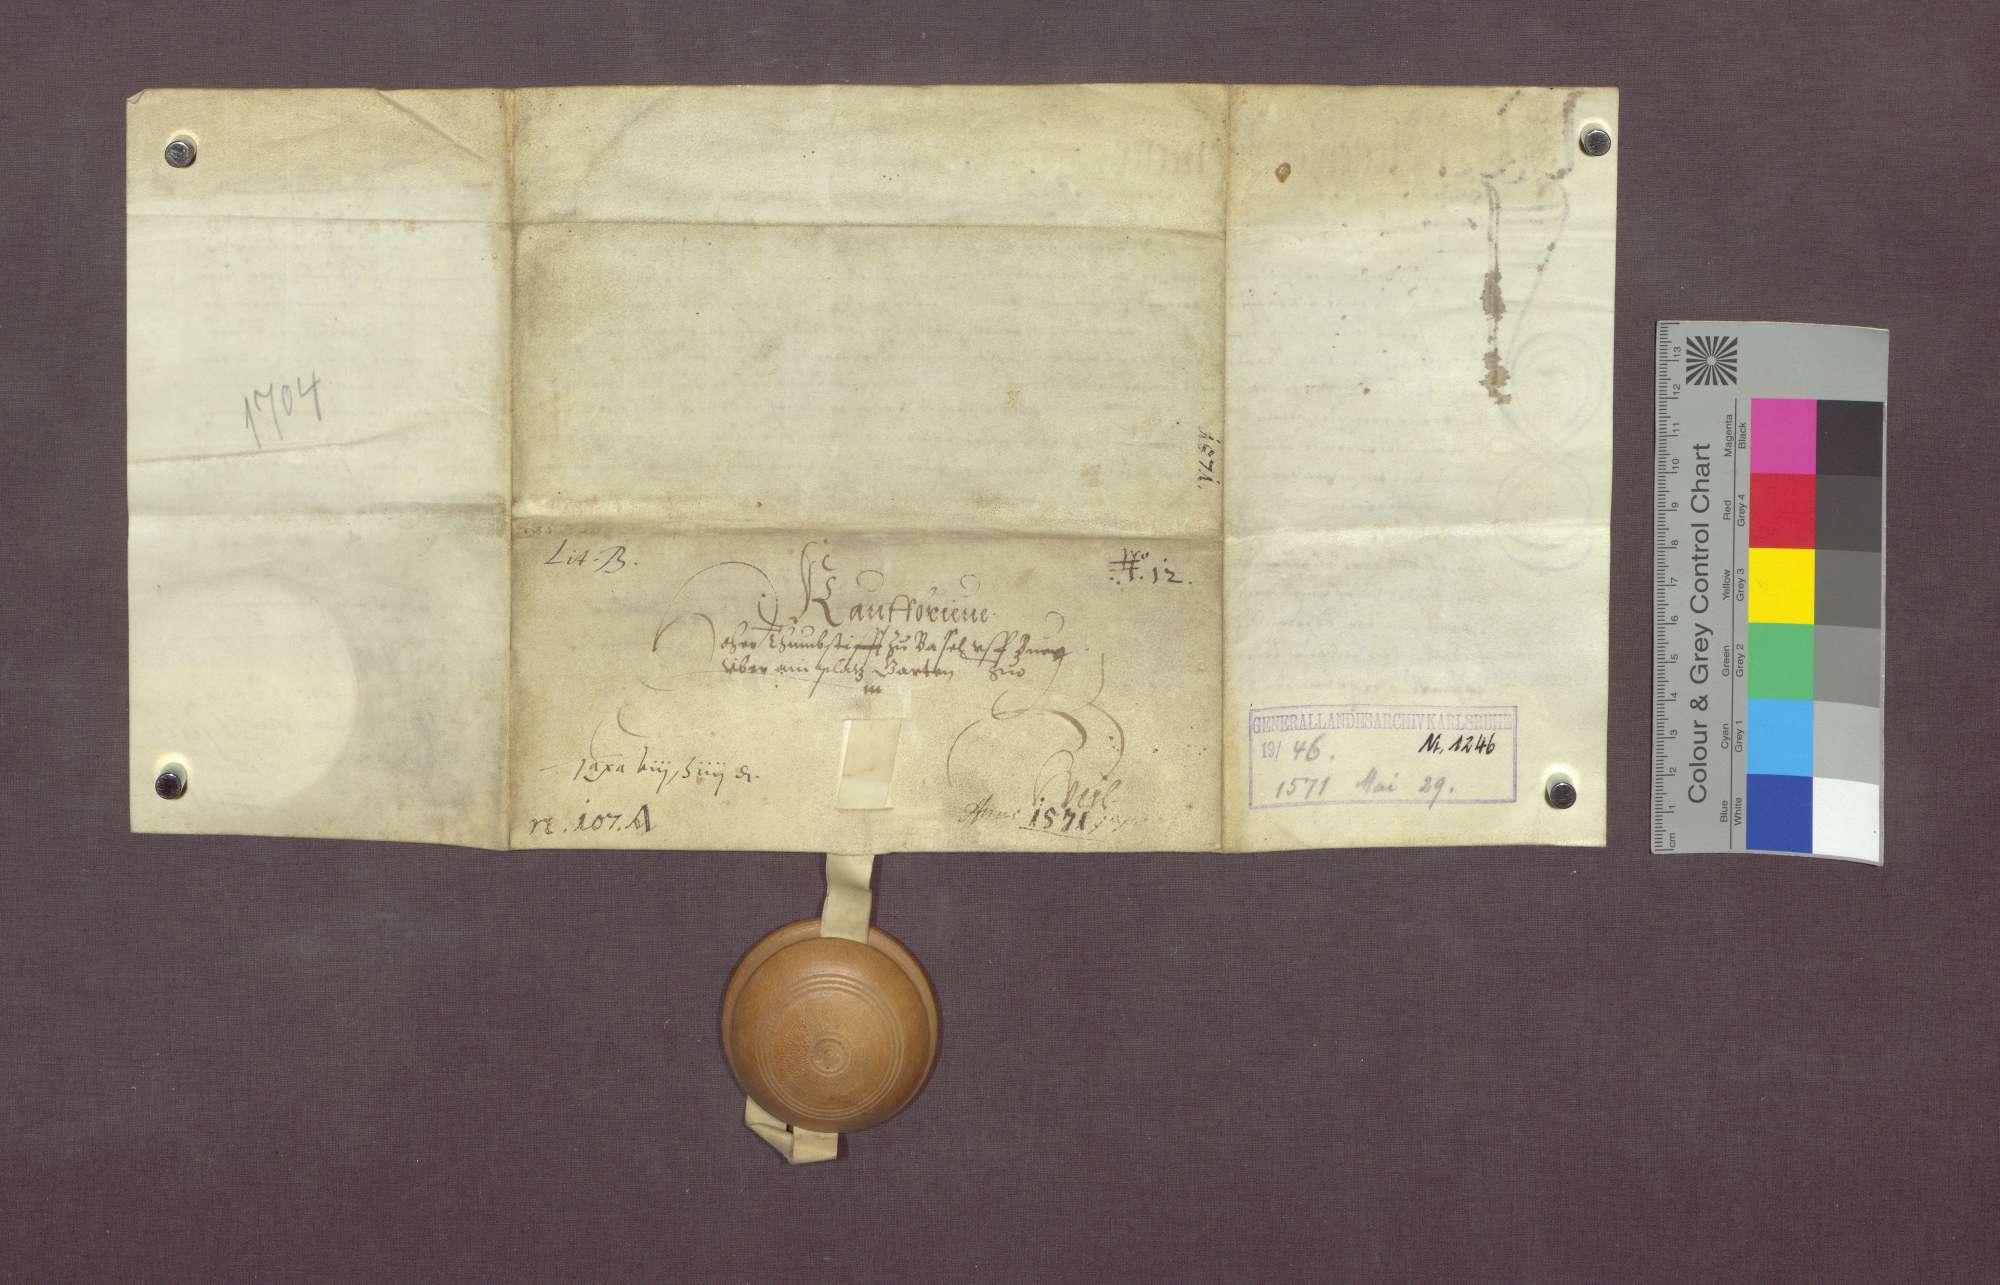 Fridle Bäselin, Laux Neff und Hans Kappeler zu Weil verkaufen an das Basler Domstift ein Gartenstück., Bild 2